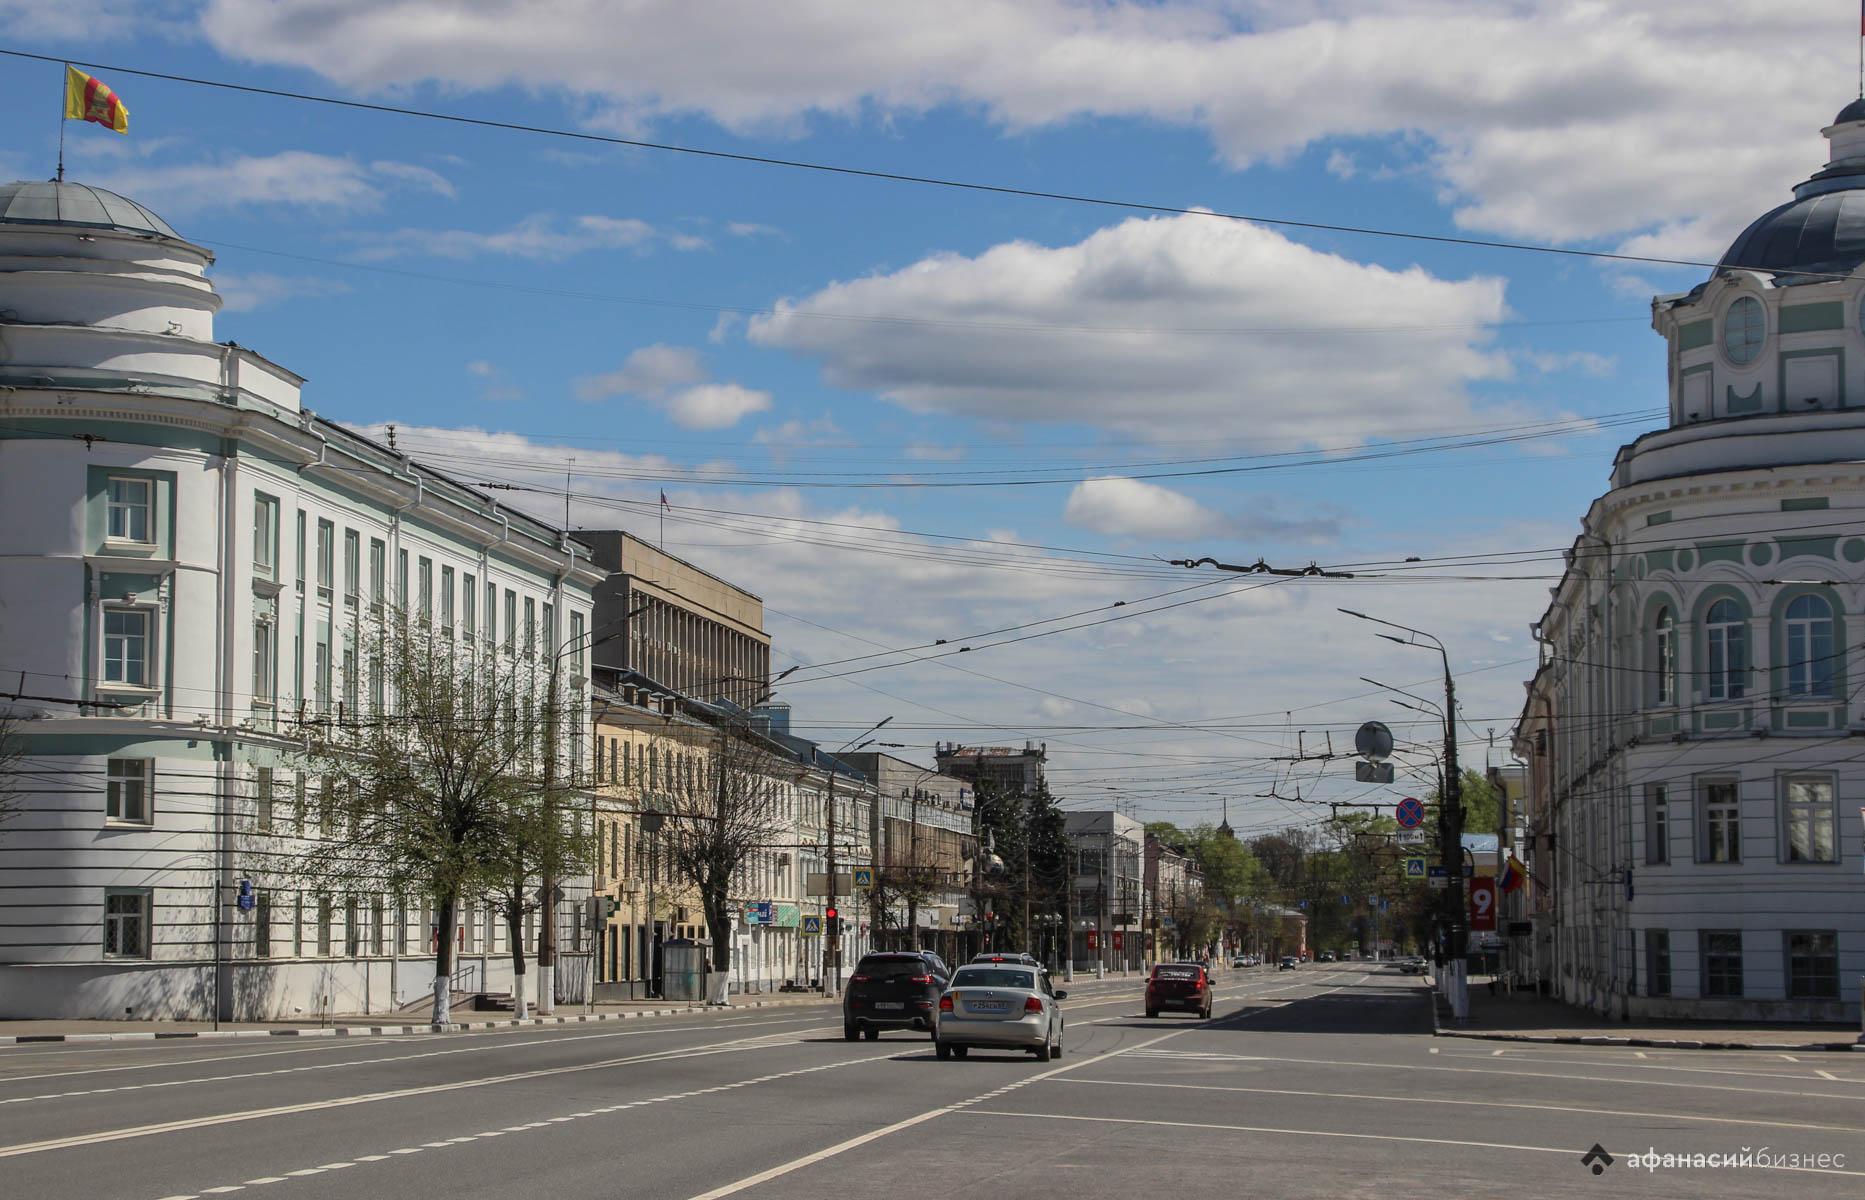 Тверская область немного поднялась в рейтинге социально-экономического положения регионов - новости Афанасий